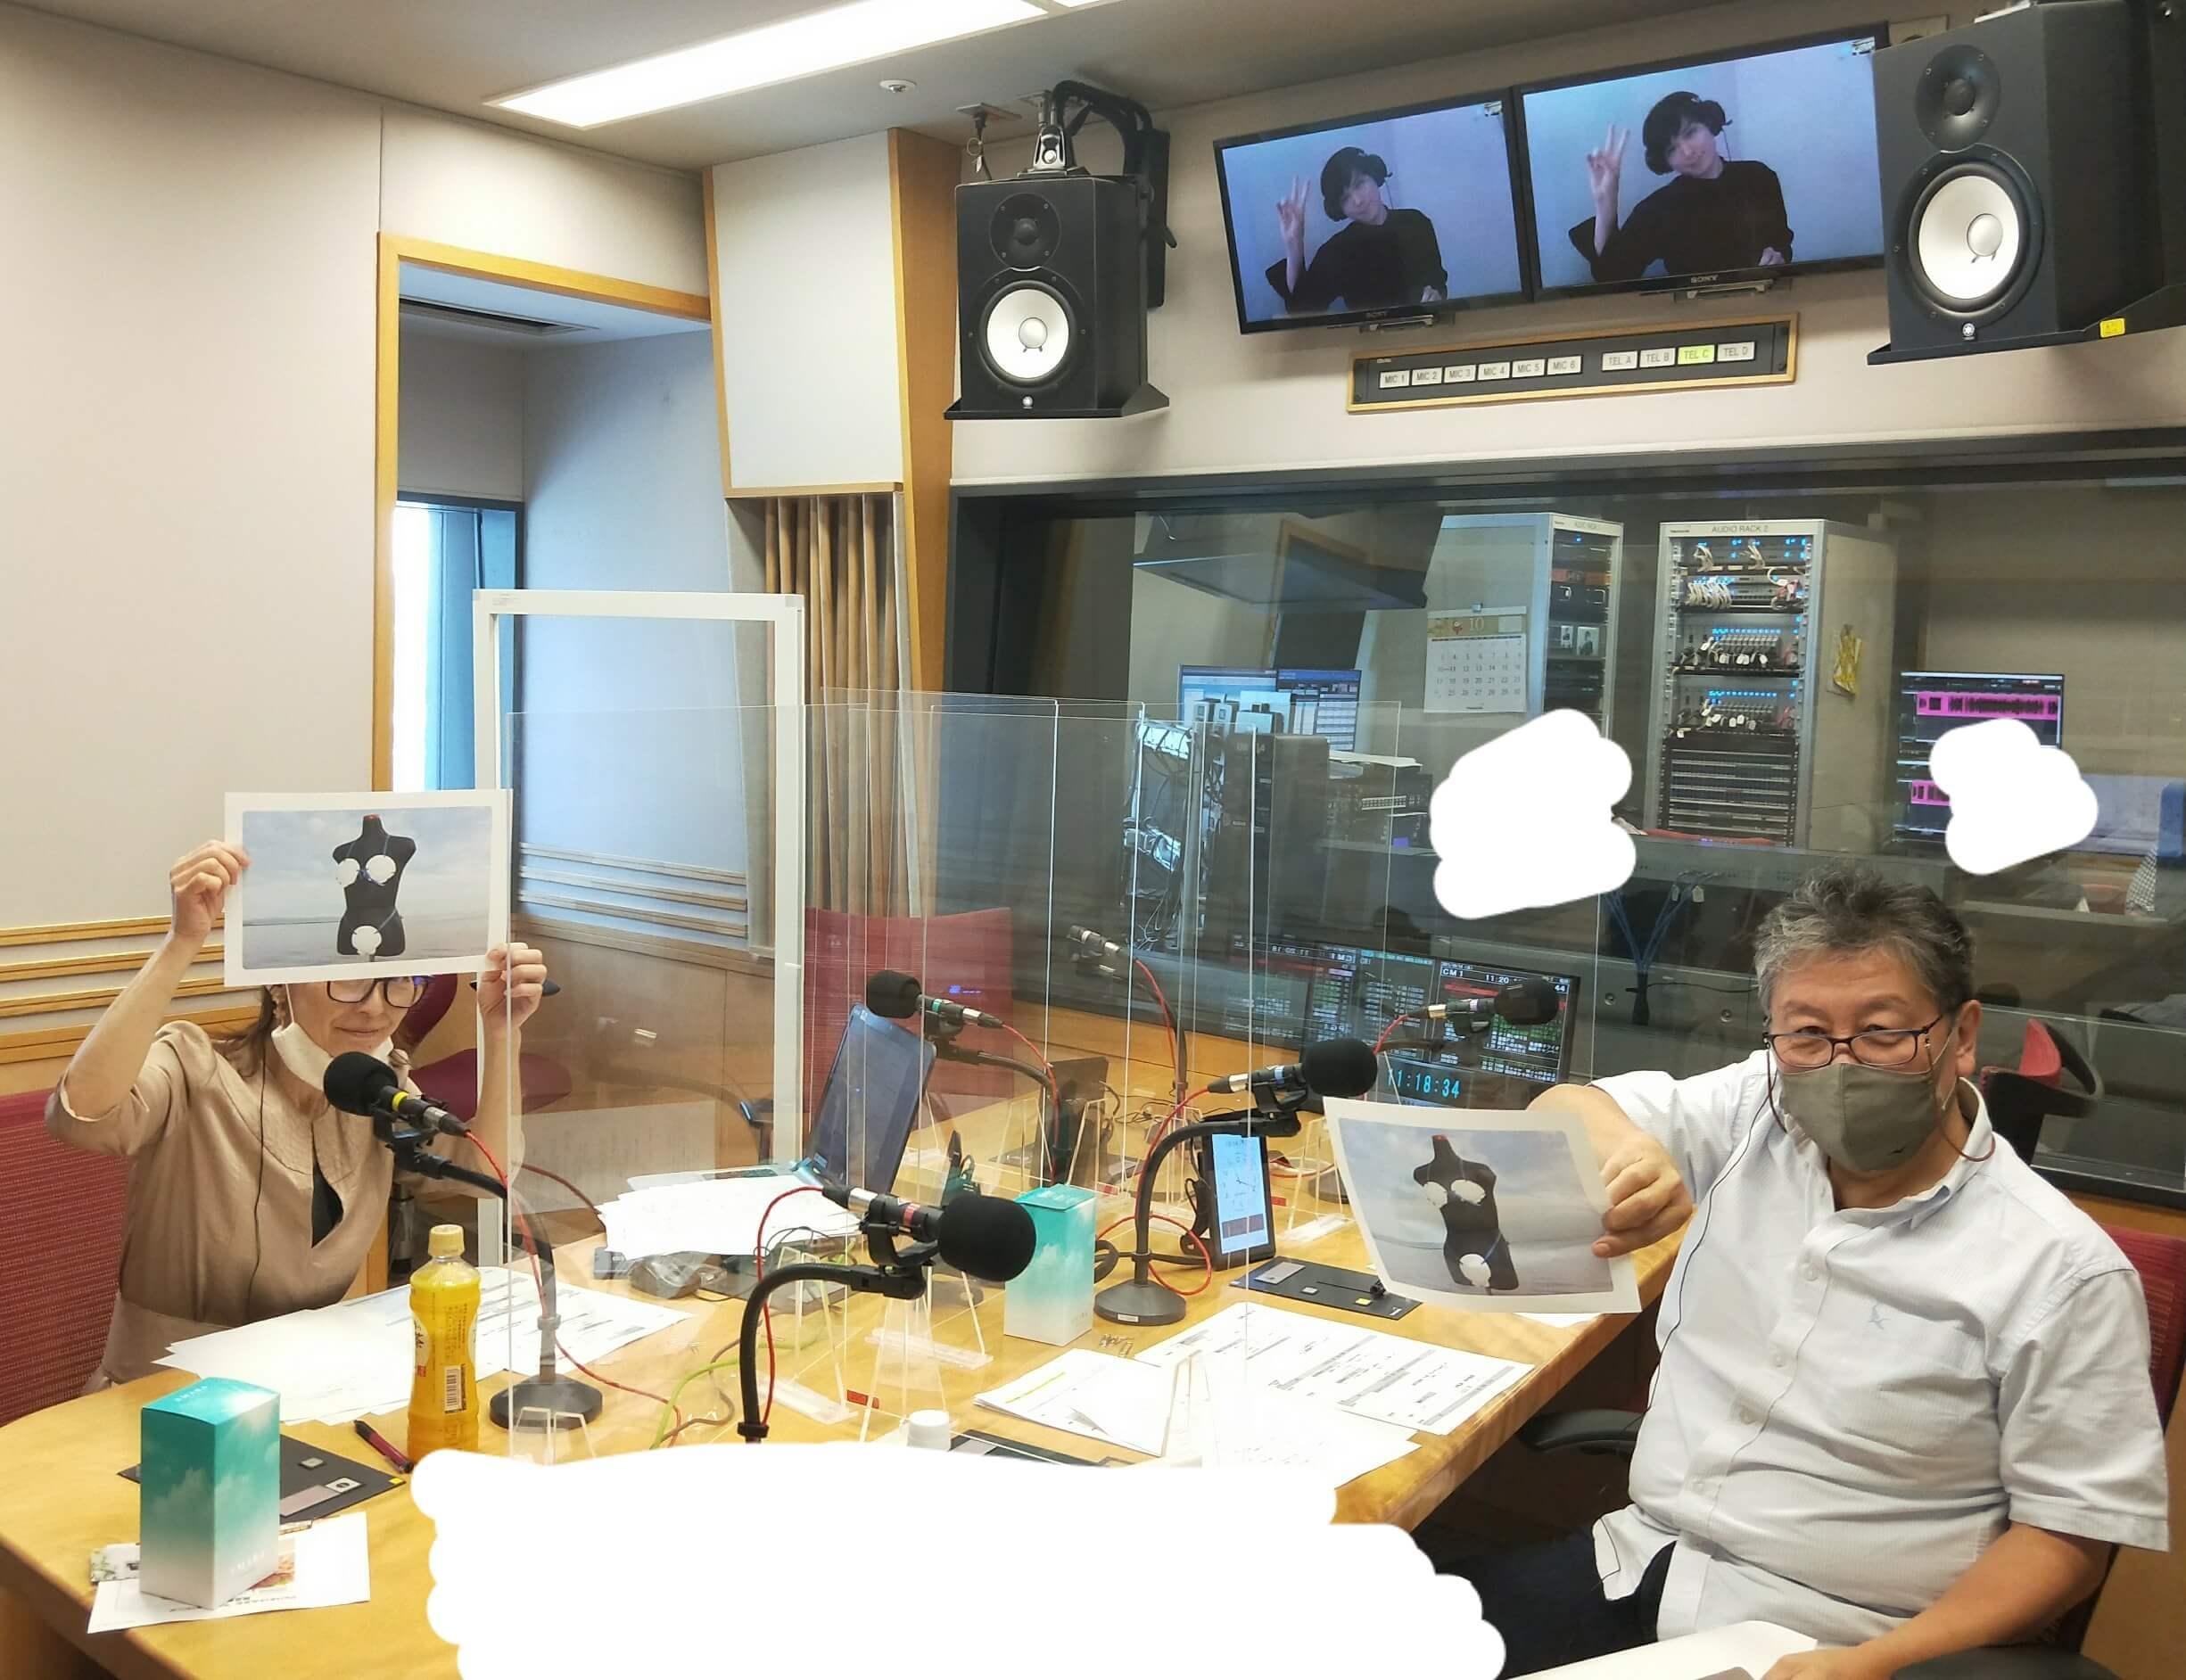 『くにまるジャパン極・くにまるウーバー・トーク』10月14日(木)のお客様:ねとらぼ・戸部マミヤさん